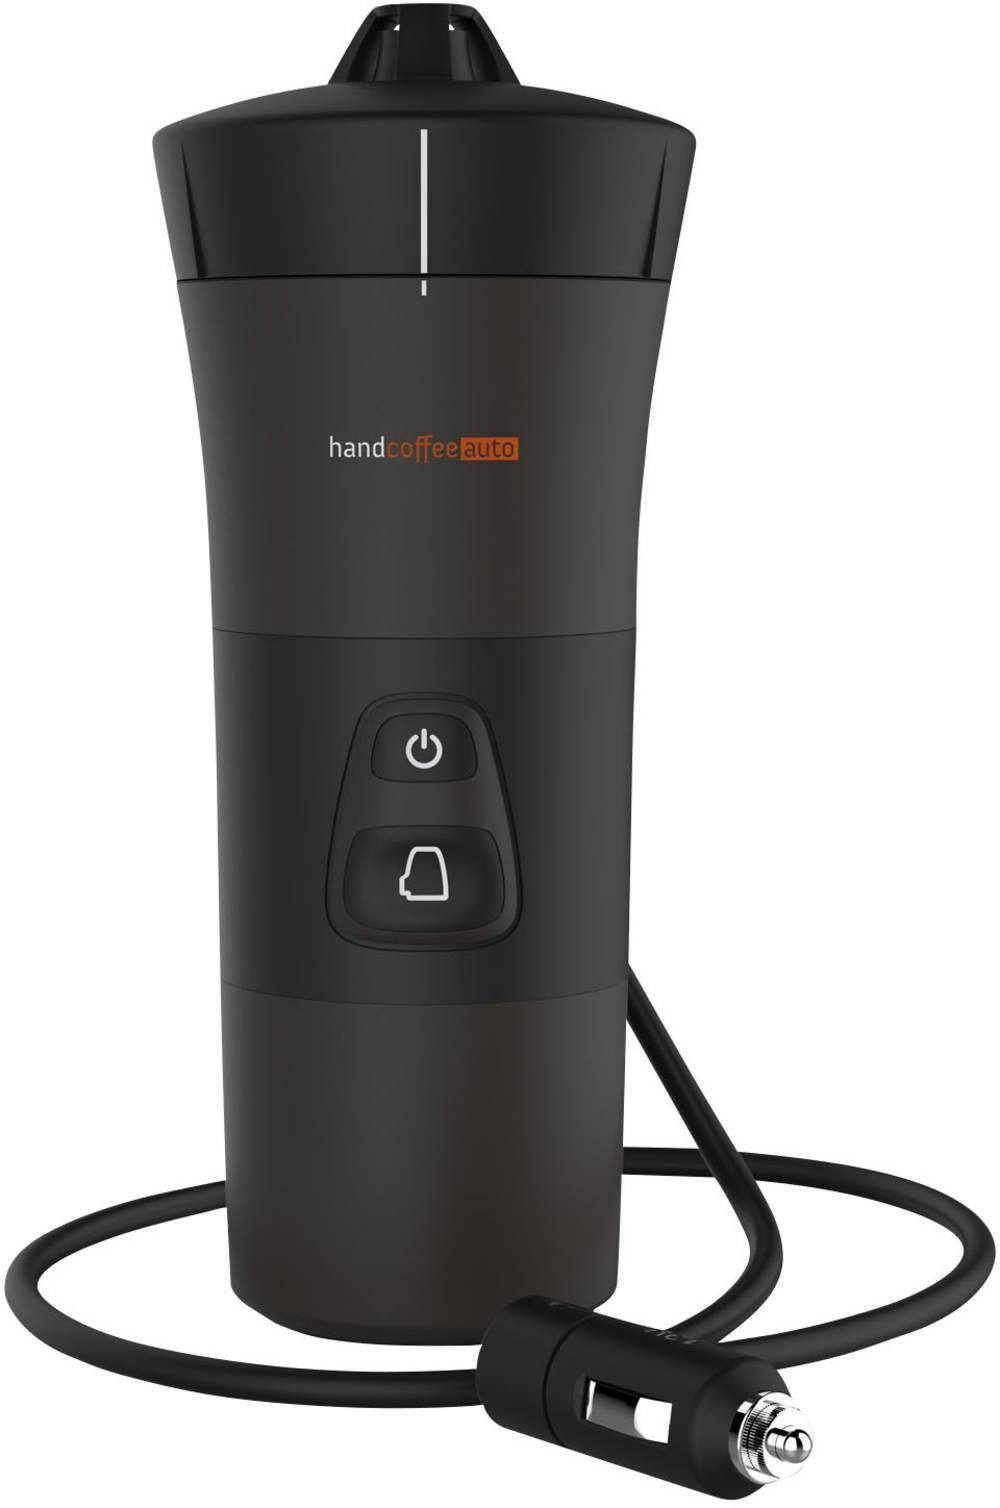 Aparat za kavu 3770000482645 handcoffee 12 V 110 ml standardni jastučići s kavom, tlak parenja 2 bara